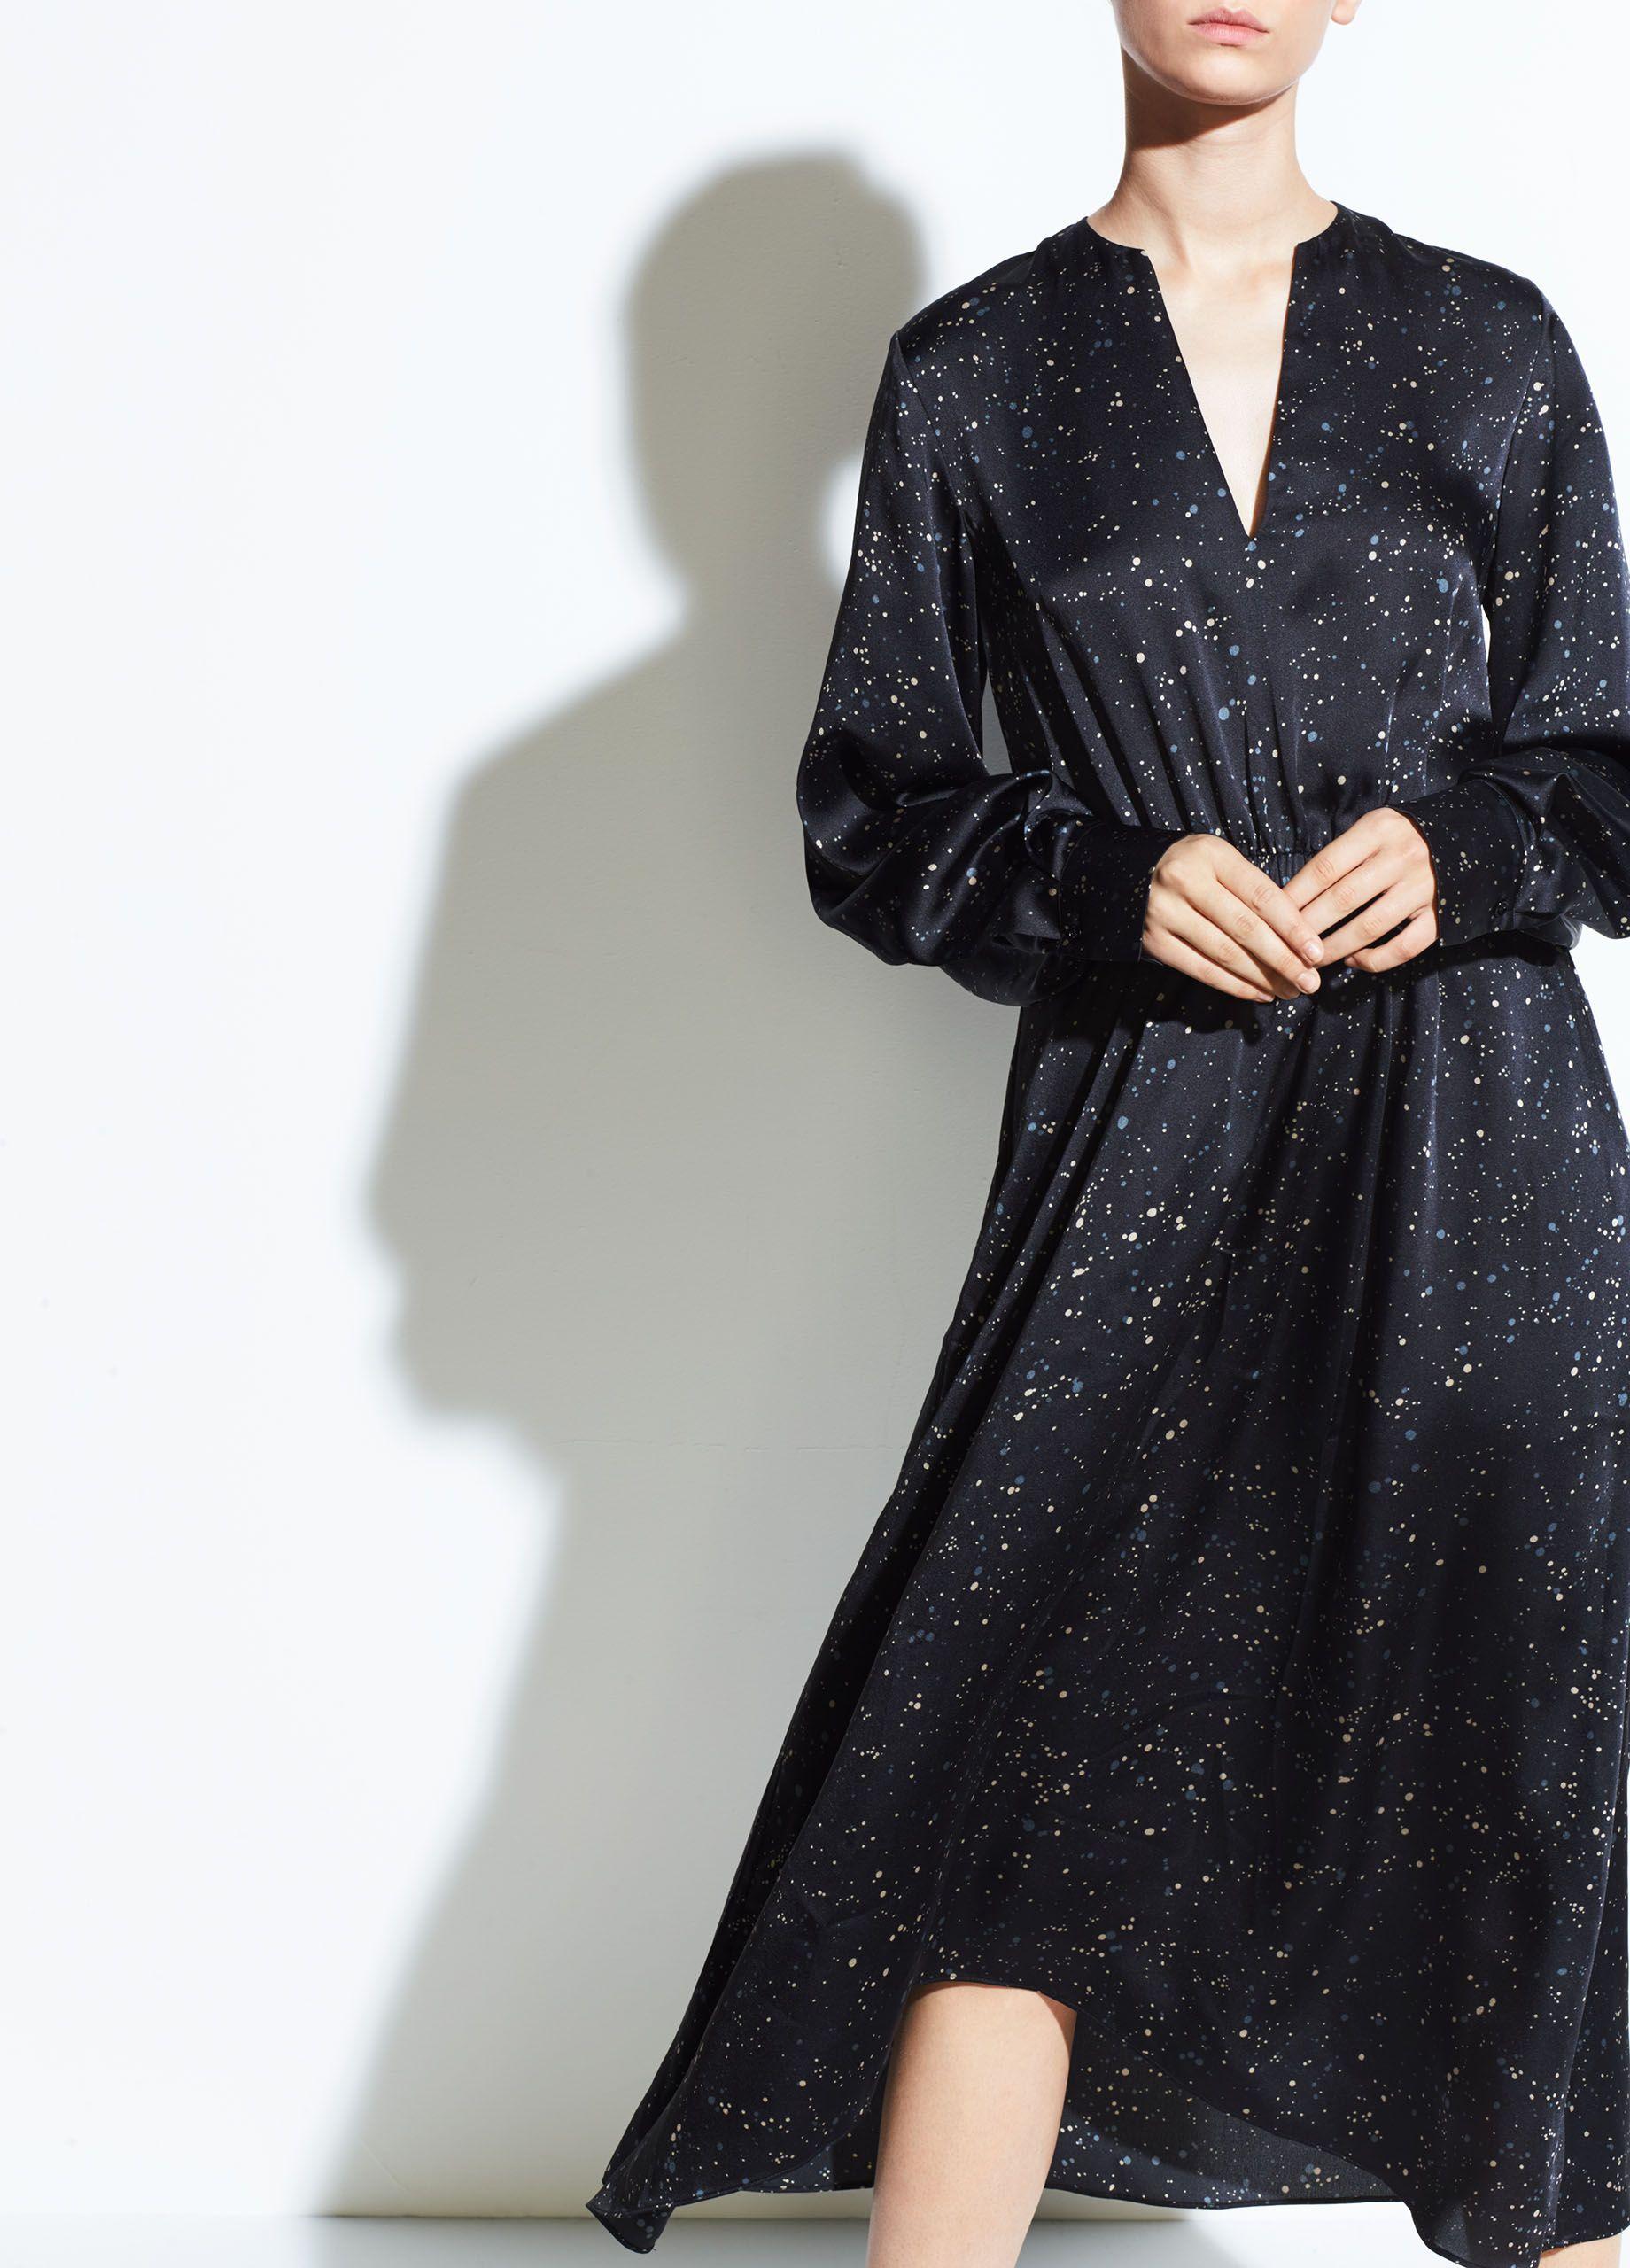 Sites Vince Site Vince Womens Dresses Dresses Long Sleeve Dress [ 2560 x 1840 Pixel ]